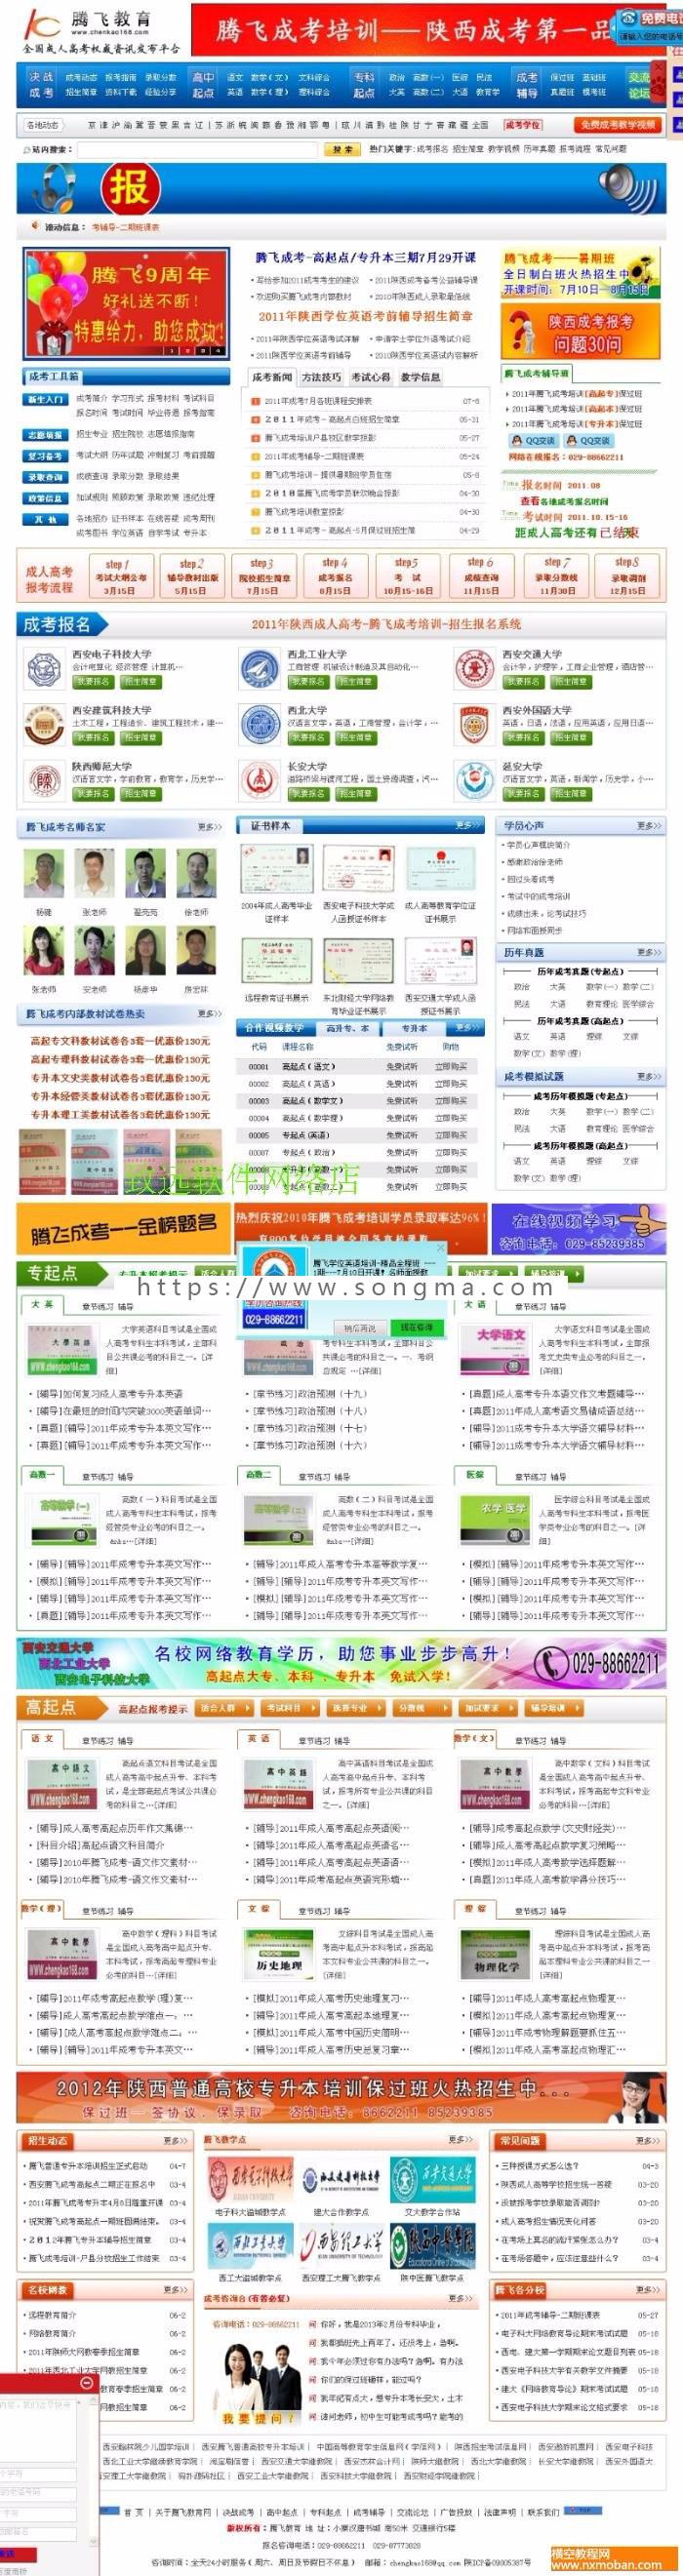 腾飞教育培训网站源码 教育考试资讯模板整站程序带论坛ASP源码